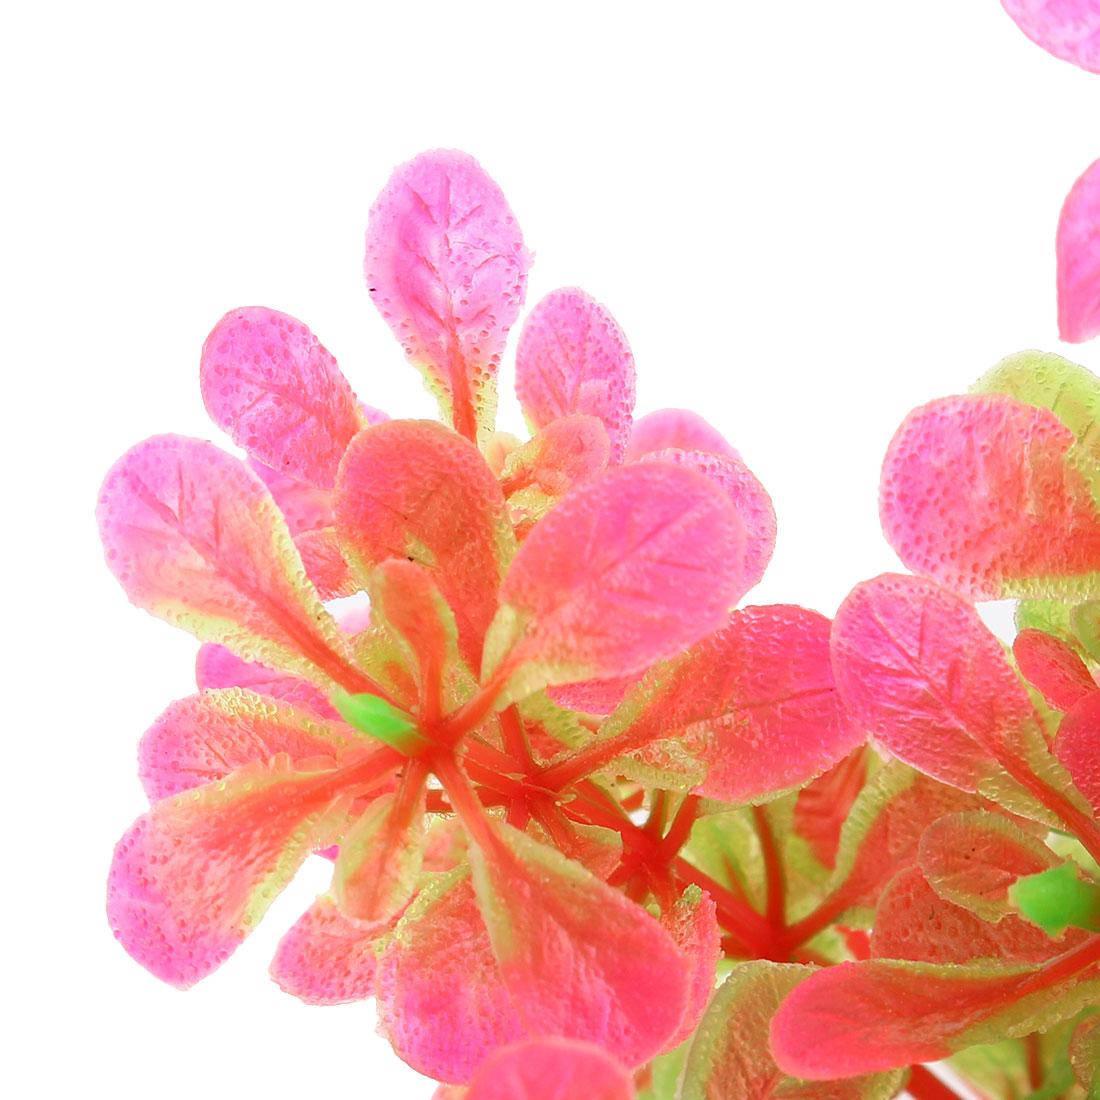 Fuchsia Verte Arbre Bonsaï au Tronc Courbé Plante Aquatique en Plastique 2